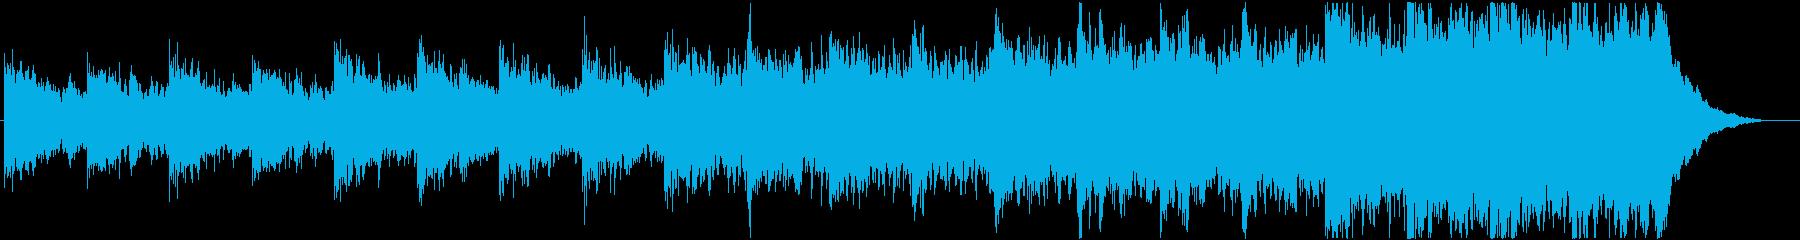 緊迫感のあるシネマティック曲 2-2の再生済みの波形